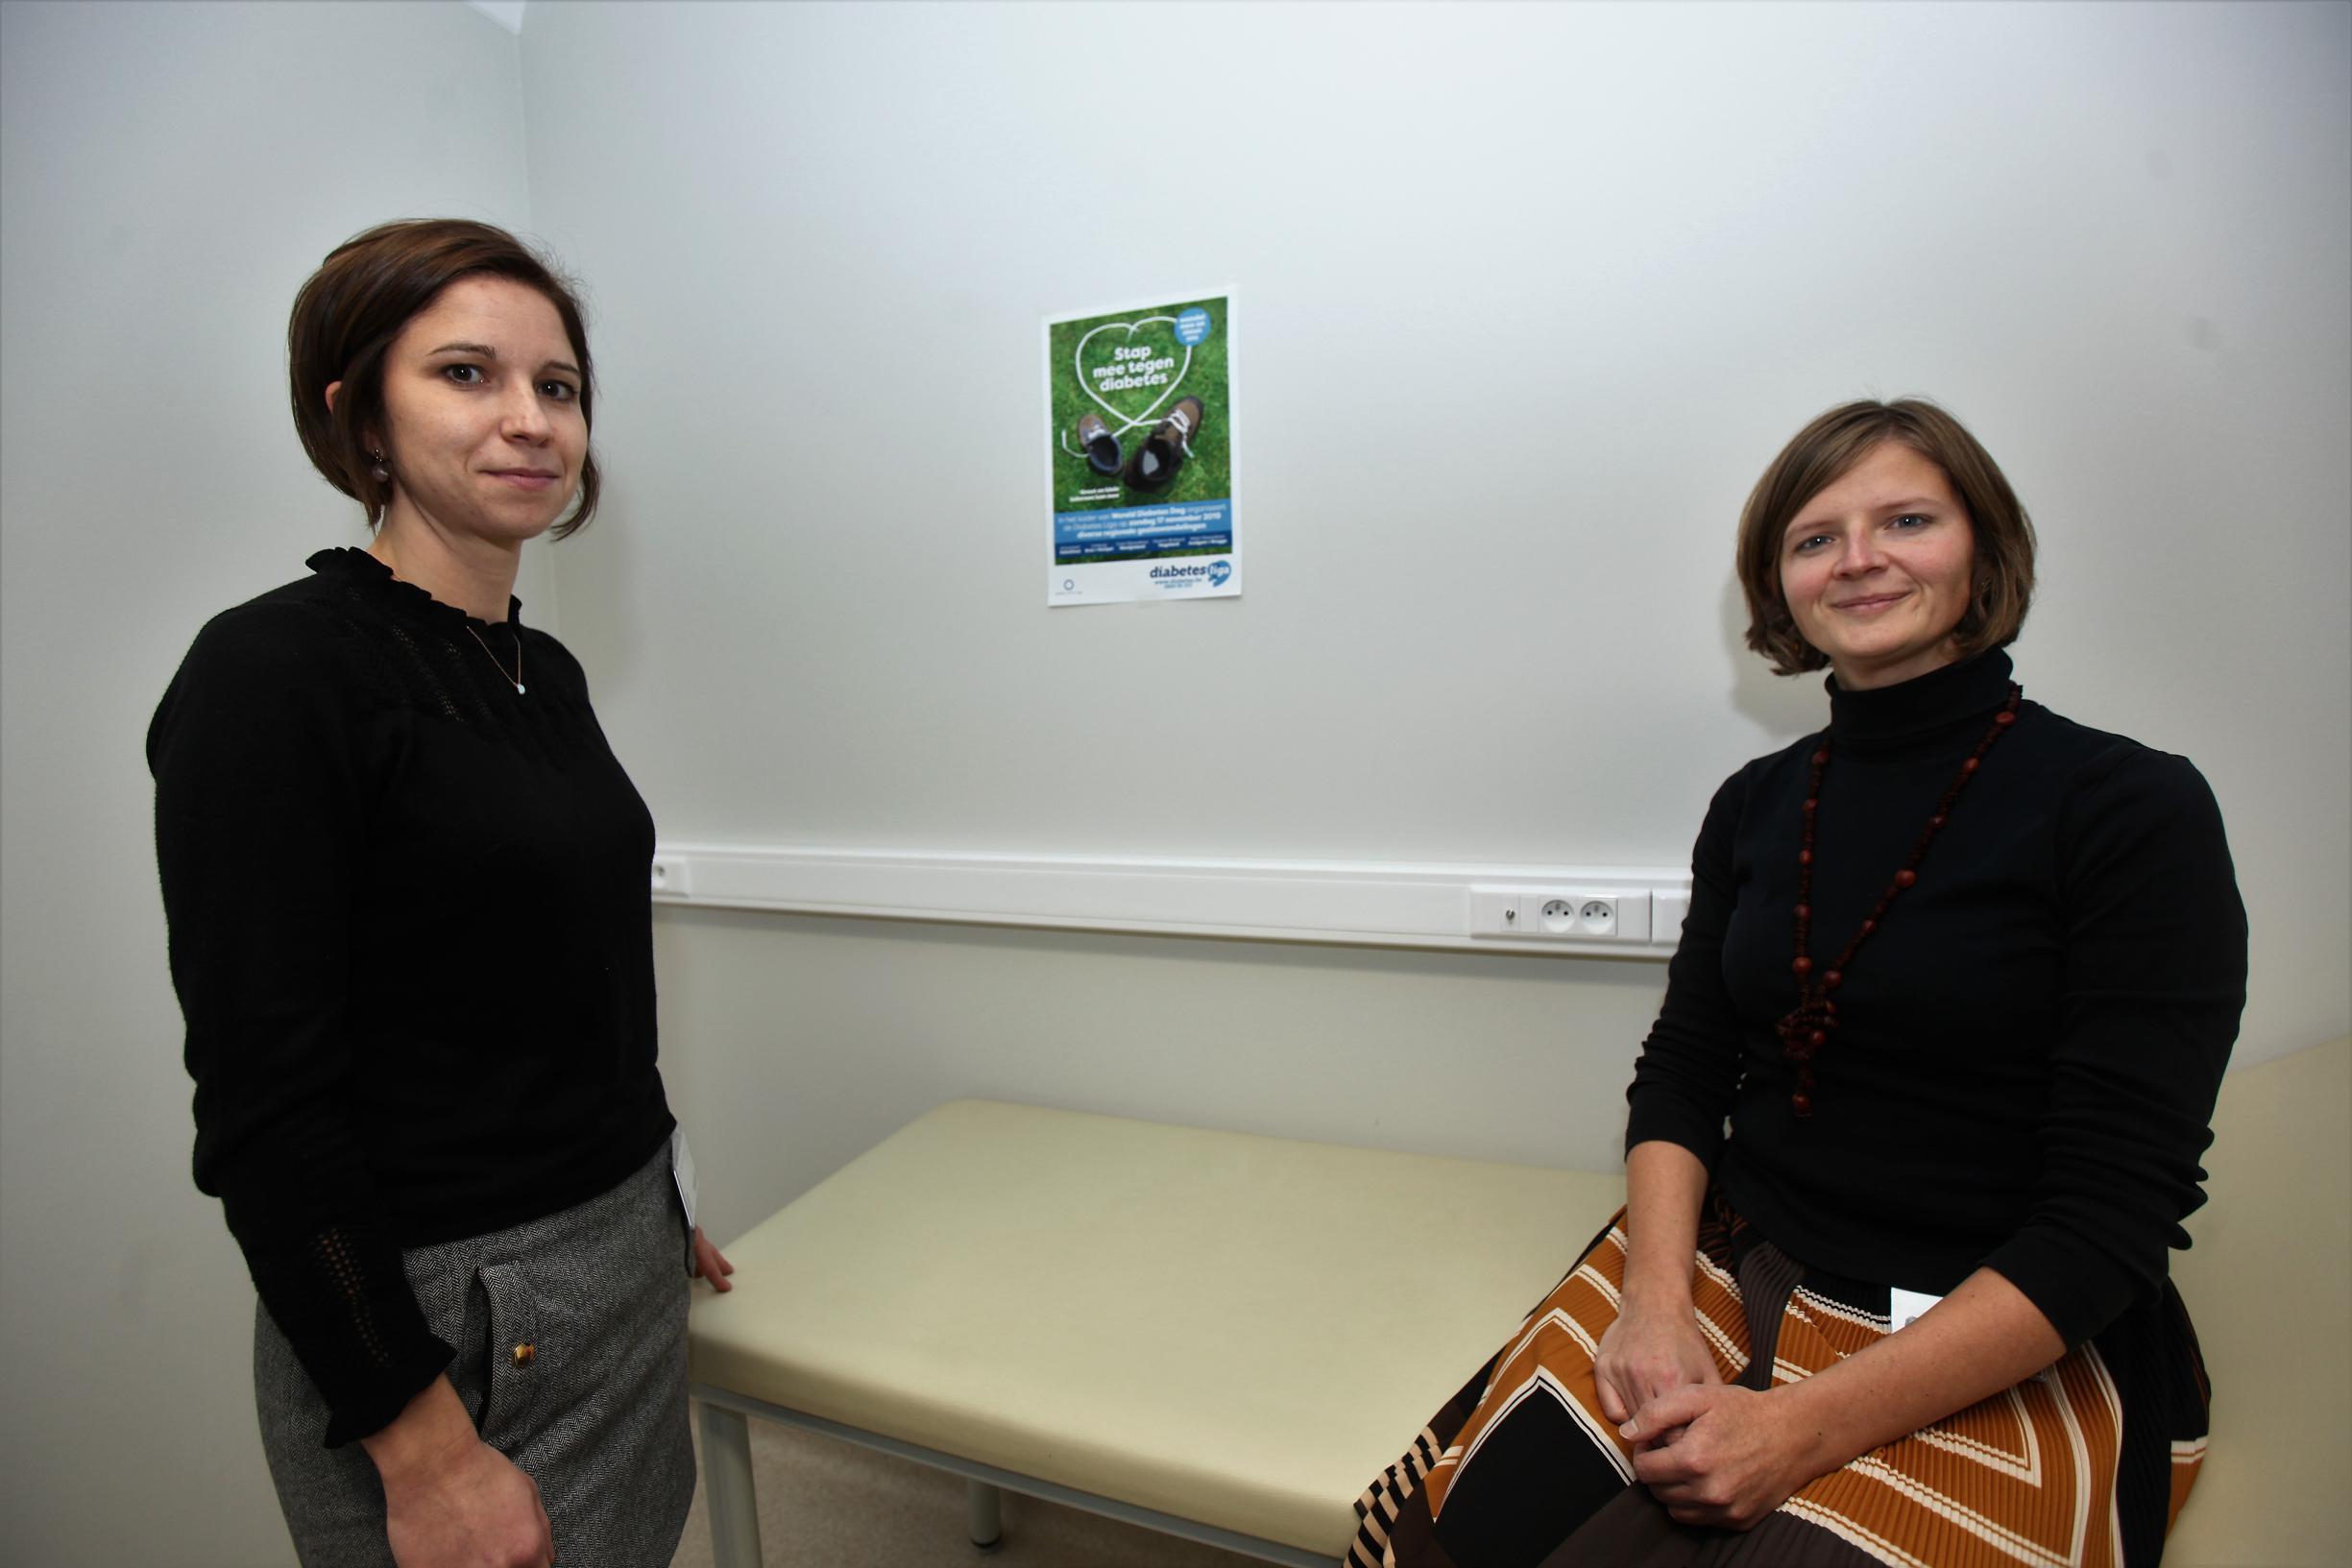 Medisch Centrum opent nieuw blok voor diabetici (Aarschot) - Het Nieuwsblad